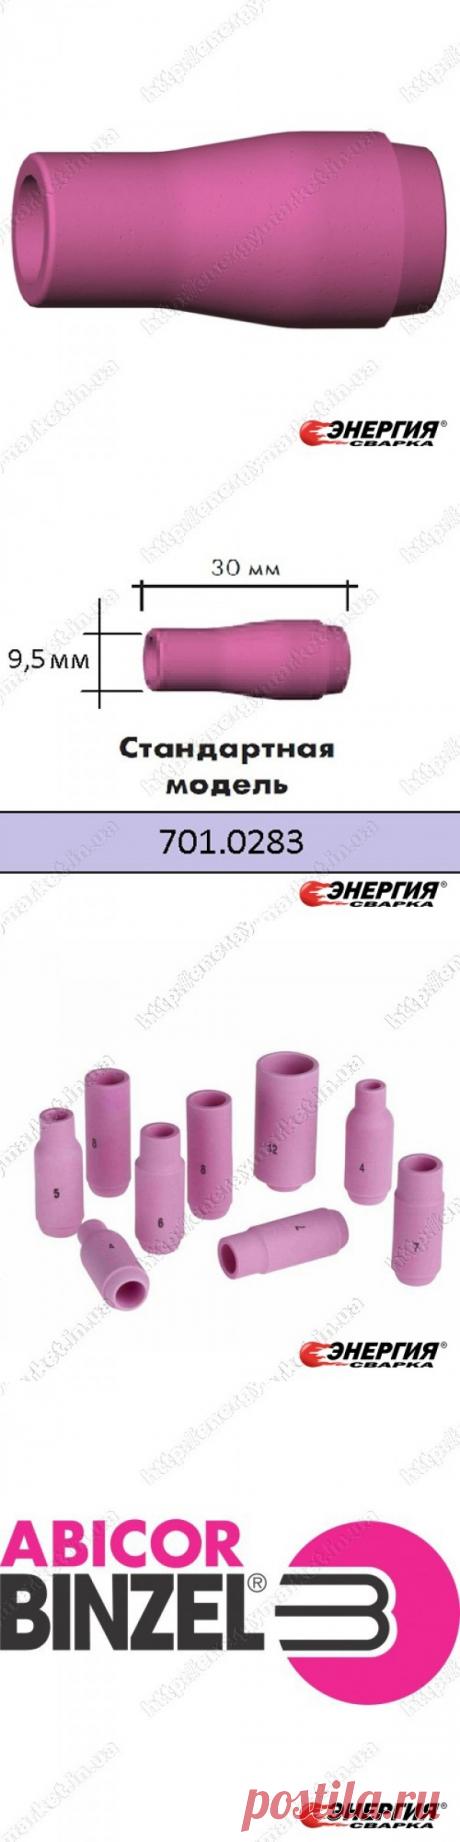 701.0283 Керамическое сопло № 6 (NW 9,5 мм / L 30,0 мм) ABITIG GRIP/SRT 9, SRT 9V, ABITIG®/SRT 20 701.0283 Abicor Binzel купить цена Украине